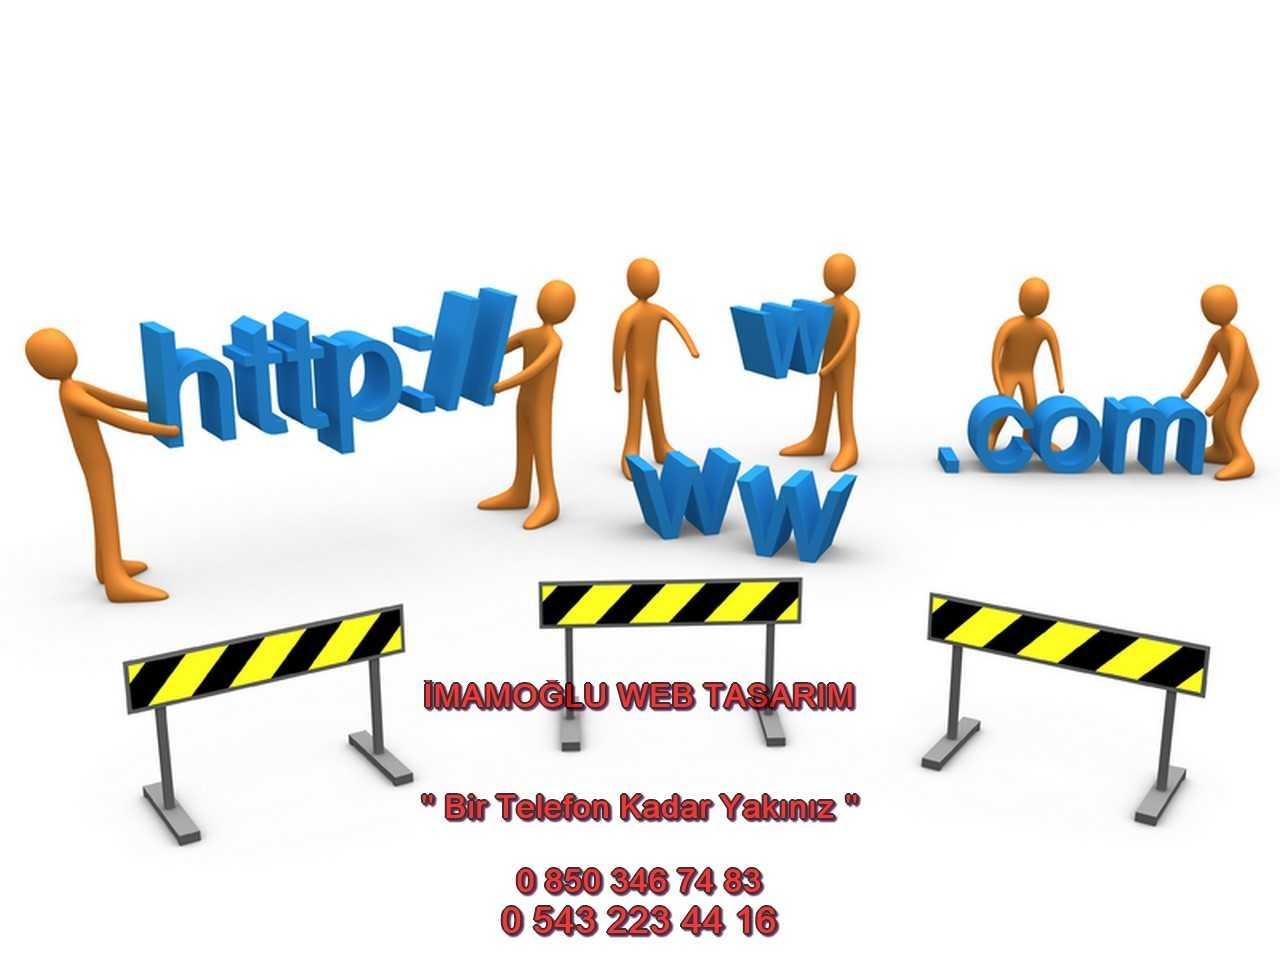 İmamoğlu Web Tasarım